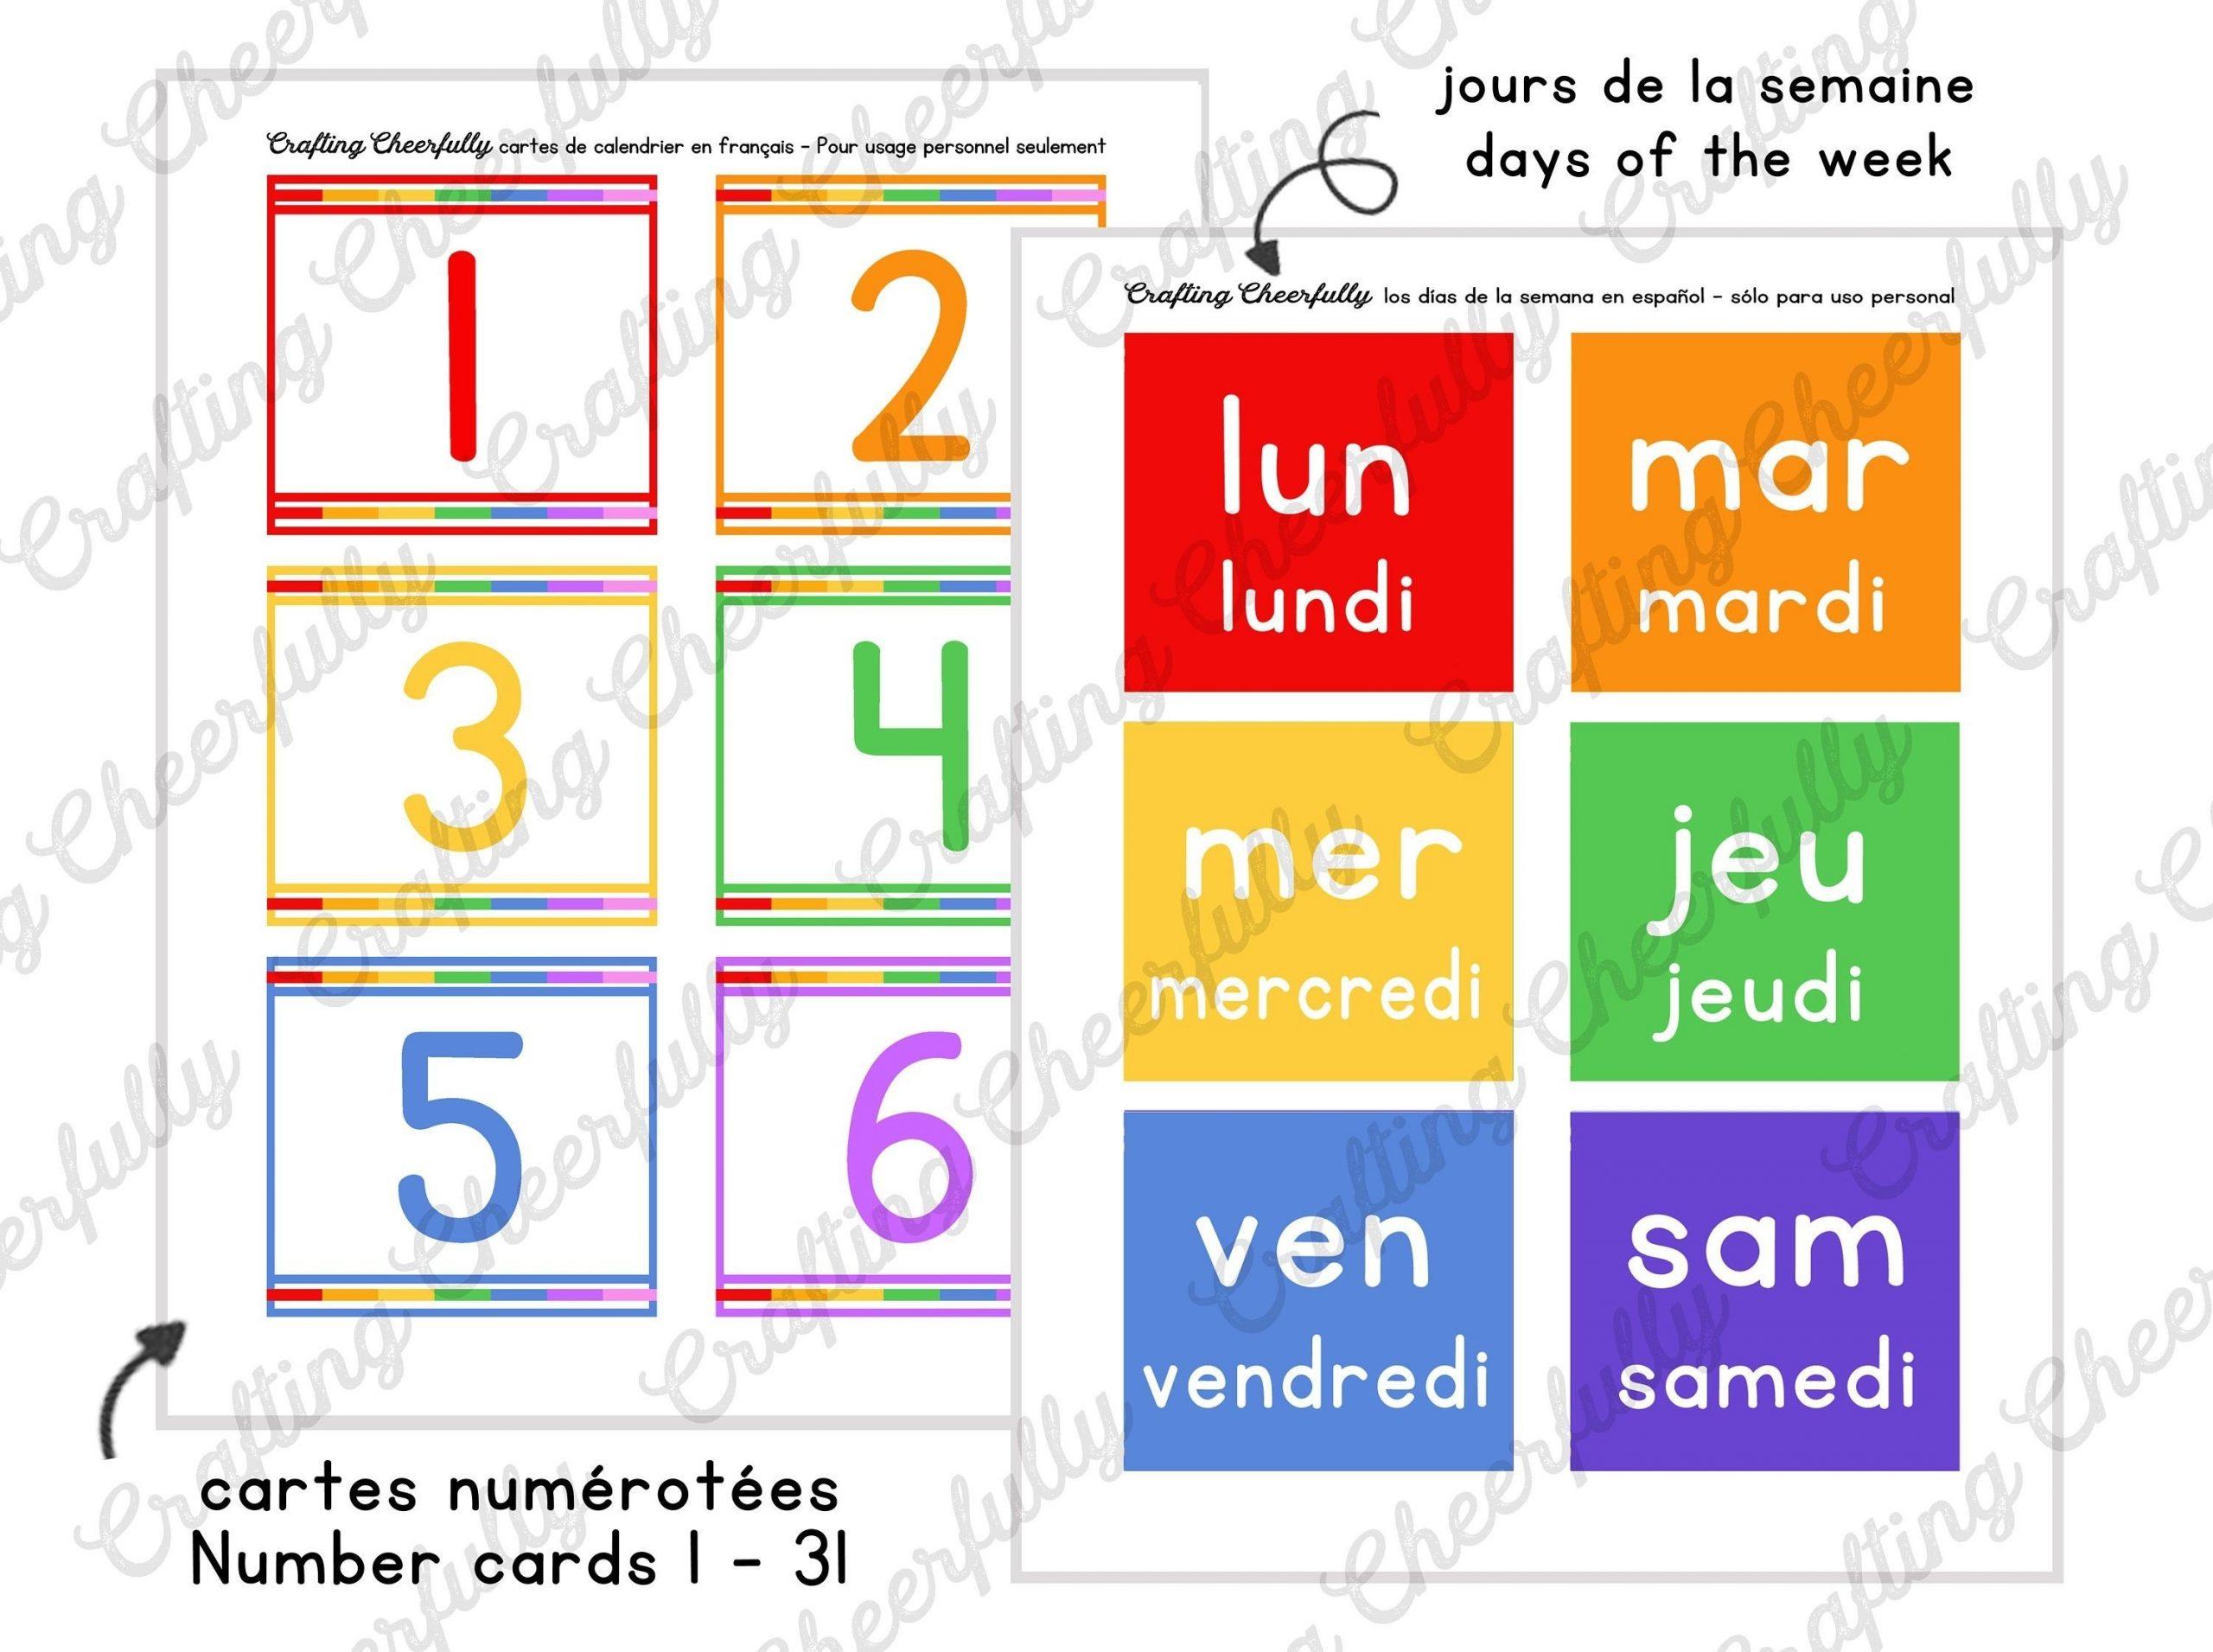 Effective Printable Number Cards 1-31 Calendar | Get Your Calendar Printable pertaining to Printable Number Cards 1-31